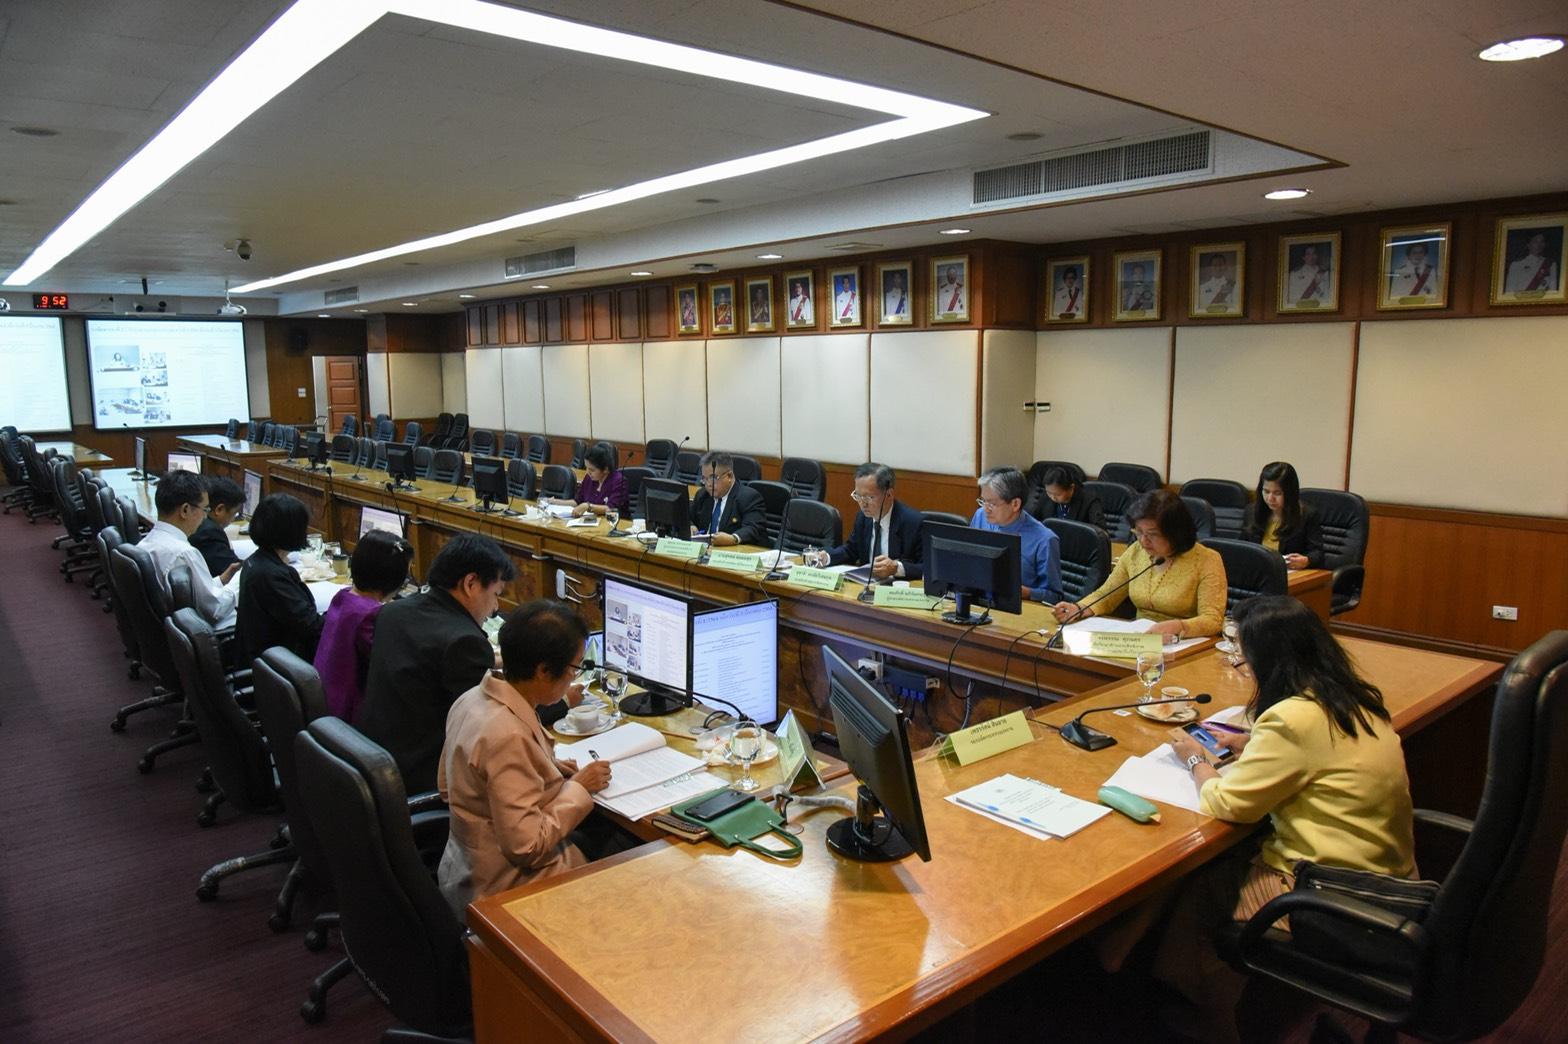 ประชุมคณะกรรมการกำกับ ดูแล และติดตามการดำเนินการศูนย์บริการร่วมกระทรวงแรงงาน ครั้งที่ 2/2561